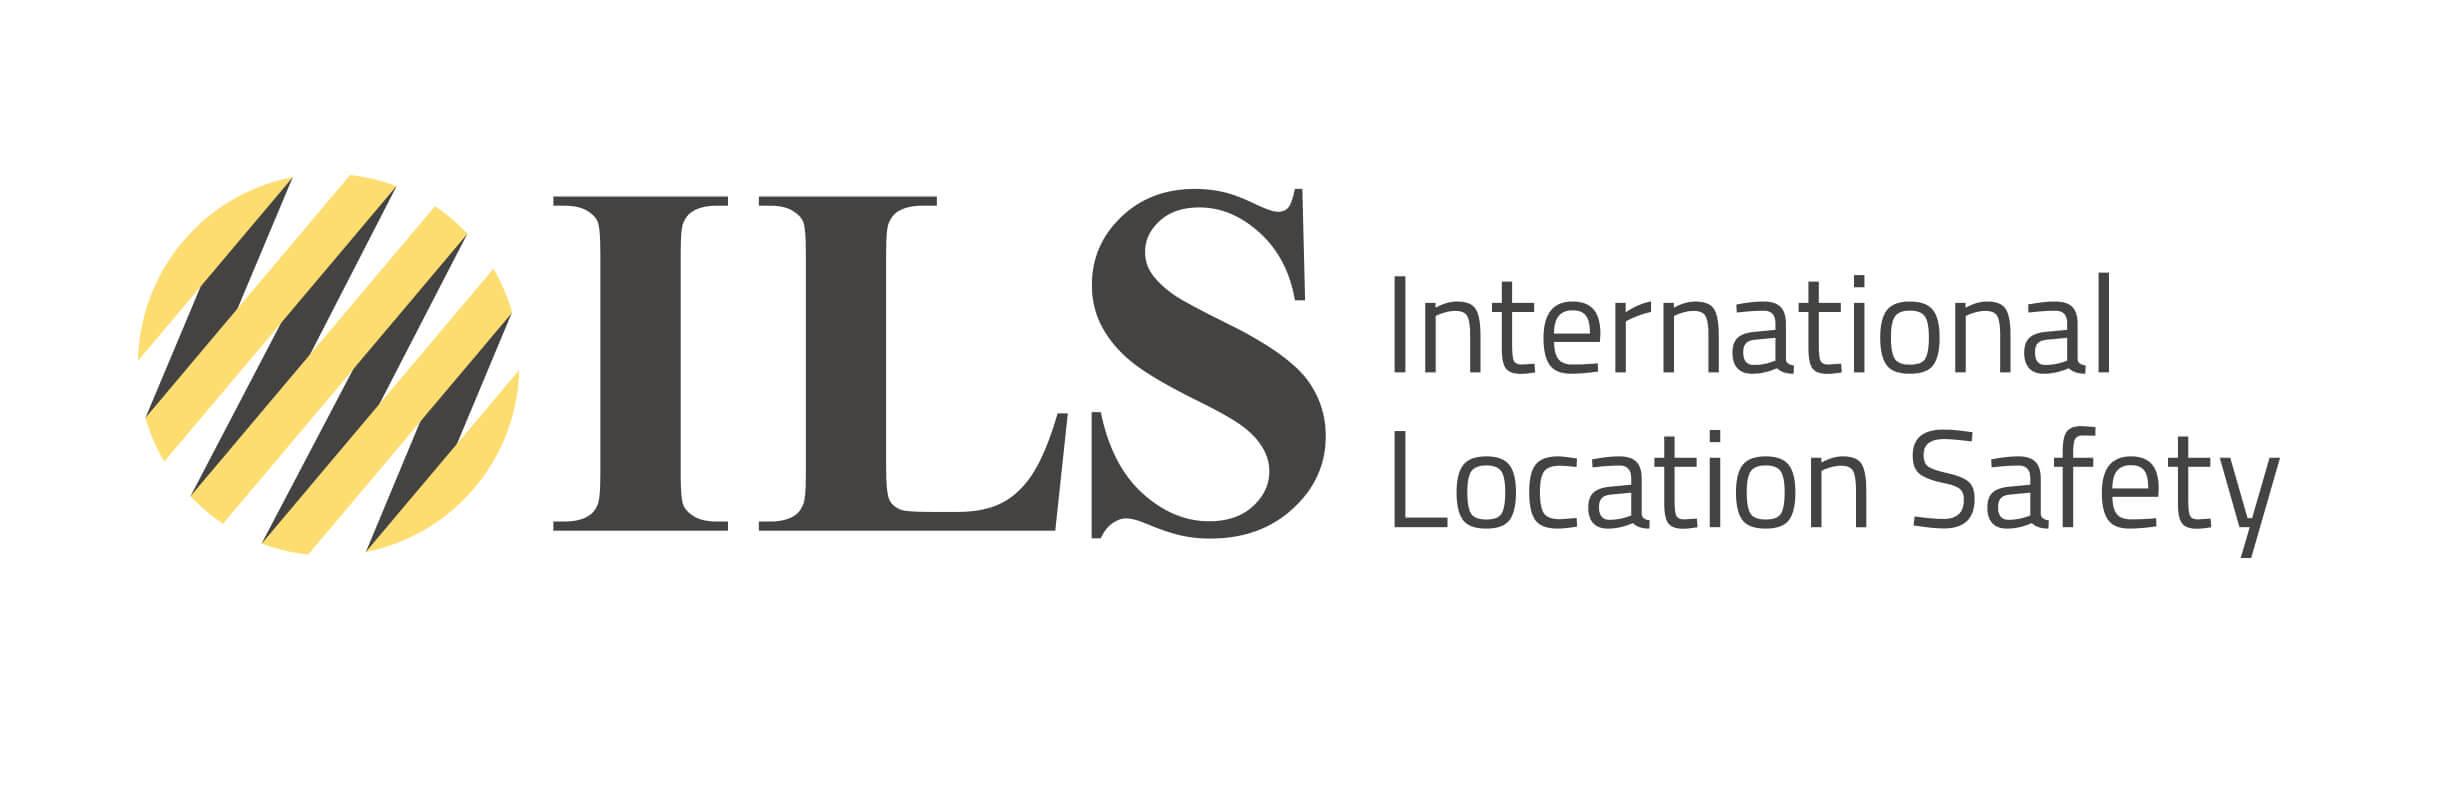 ILS Logo image